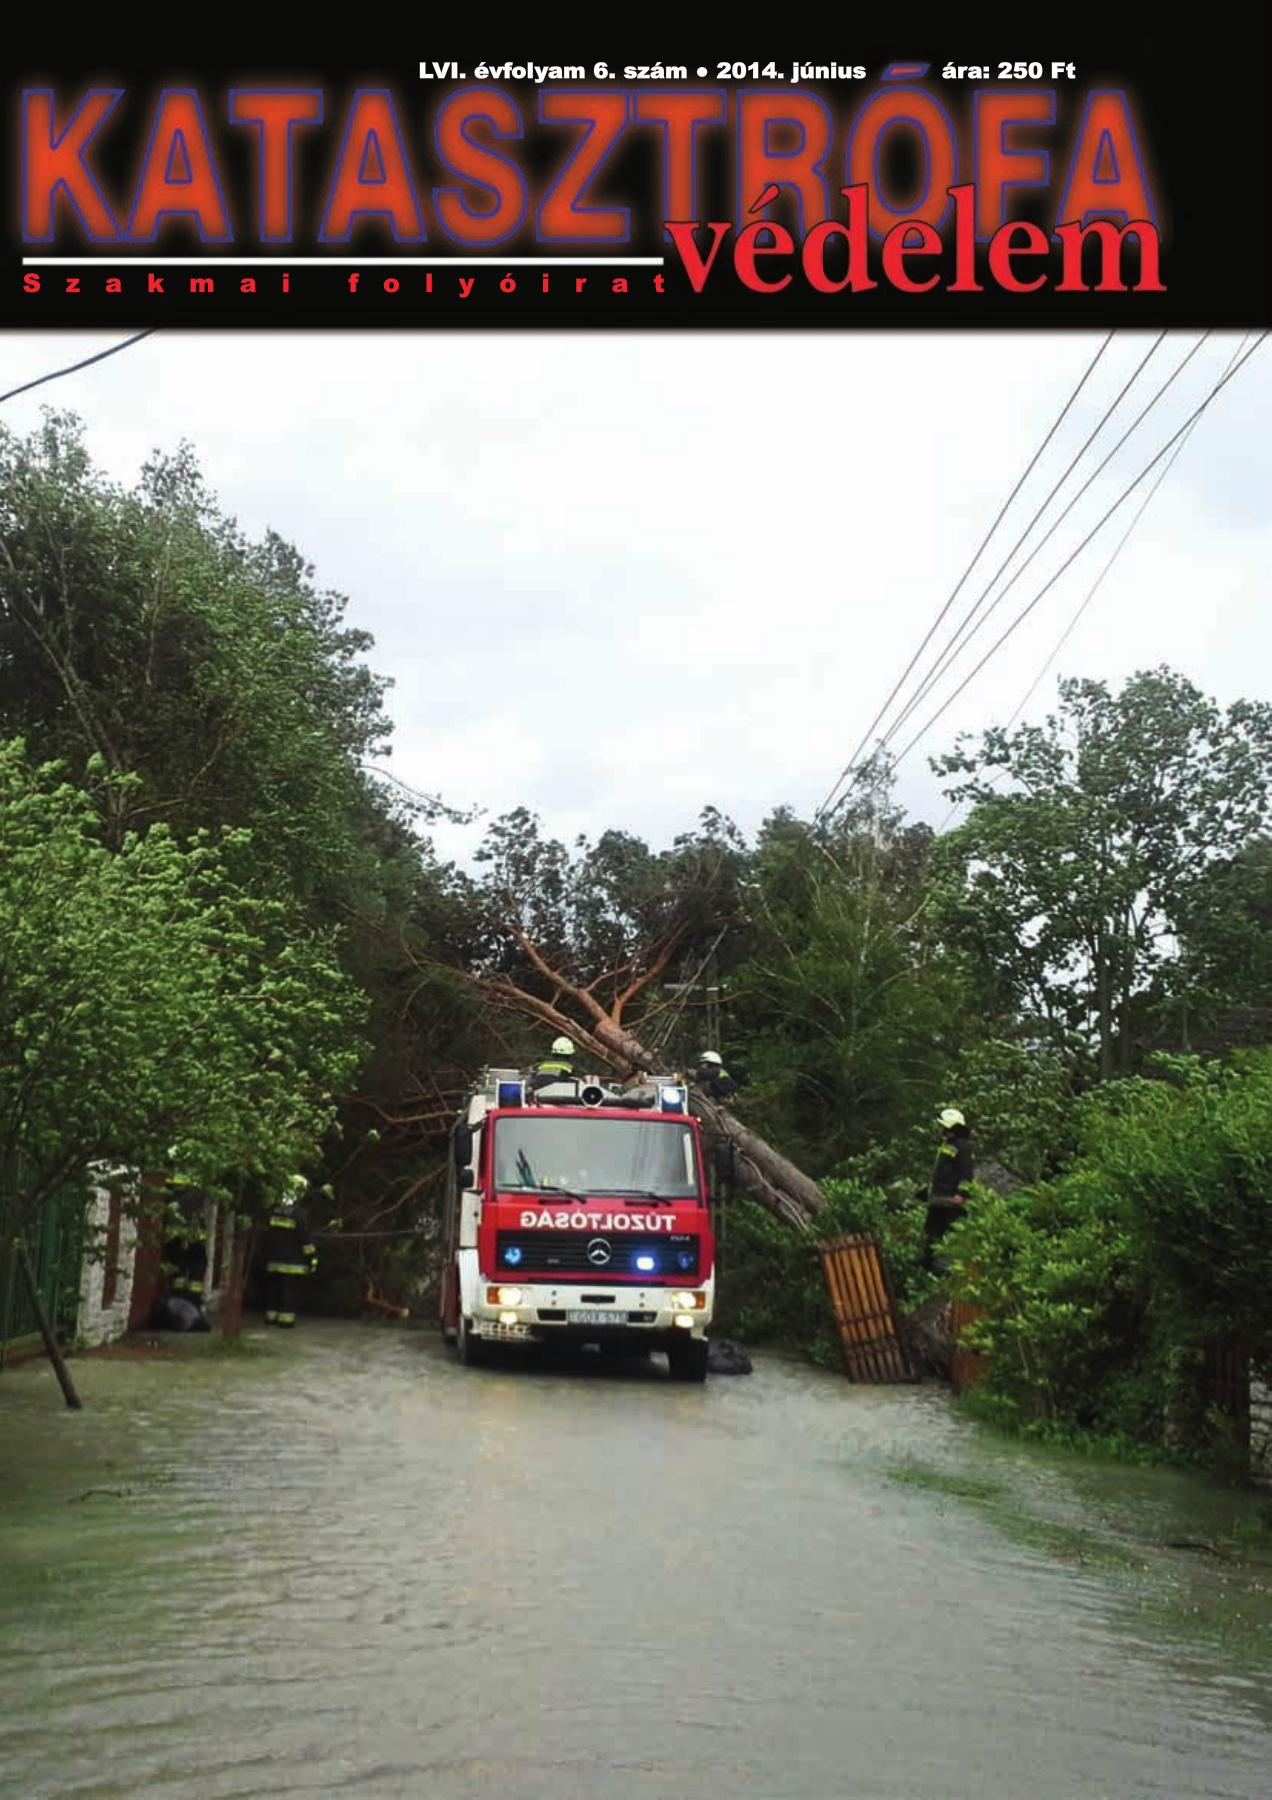 A Katasztrófavédelem magazin LVI. évfolyam 6. szám megtekintése